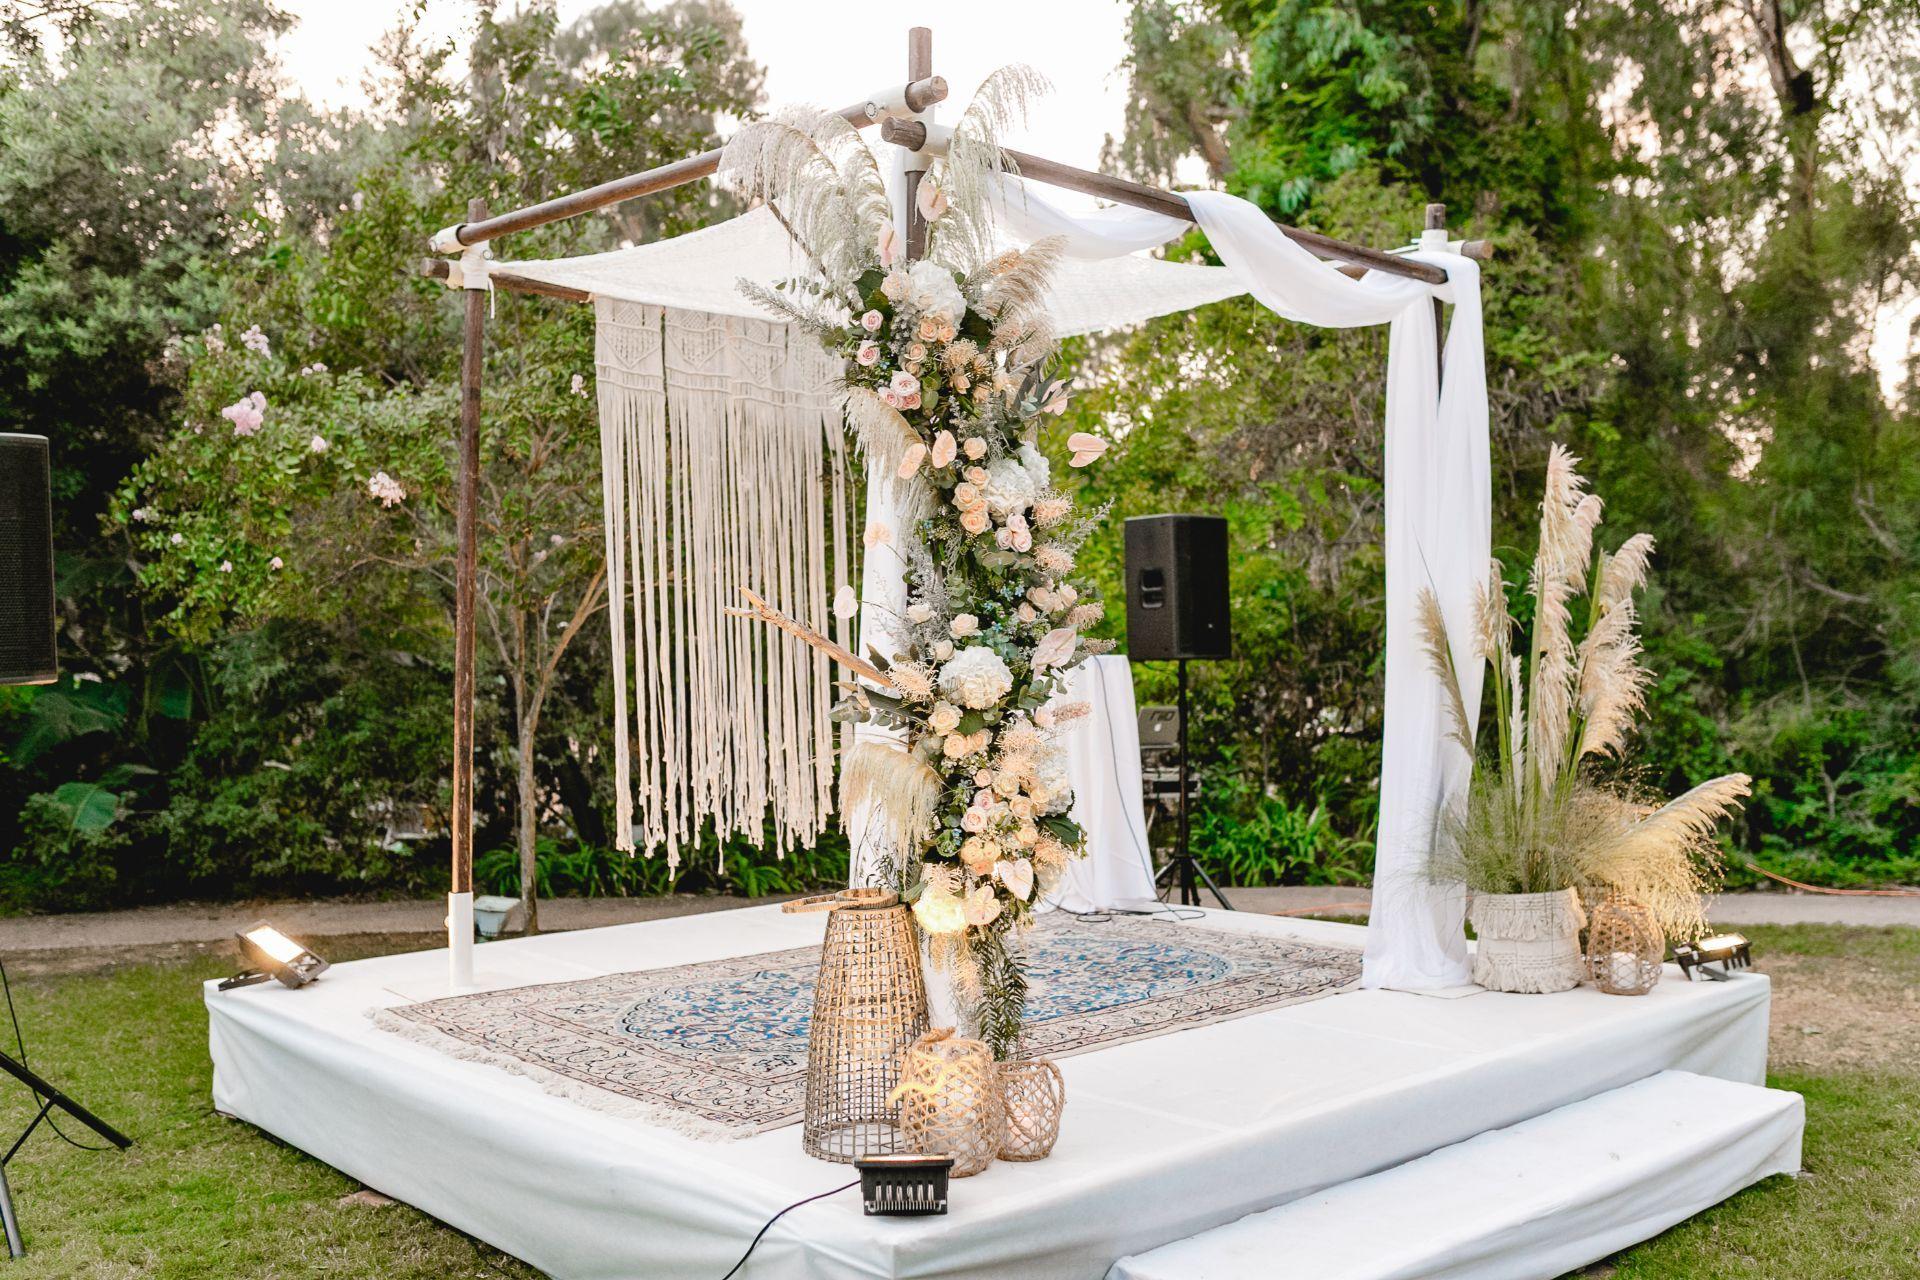 מהנשיקה הראשונה בצופים, עד לחתונה בוהמיינית זוהרת בגן האירועים ״ביער״